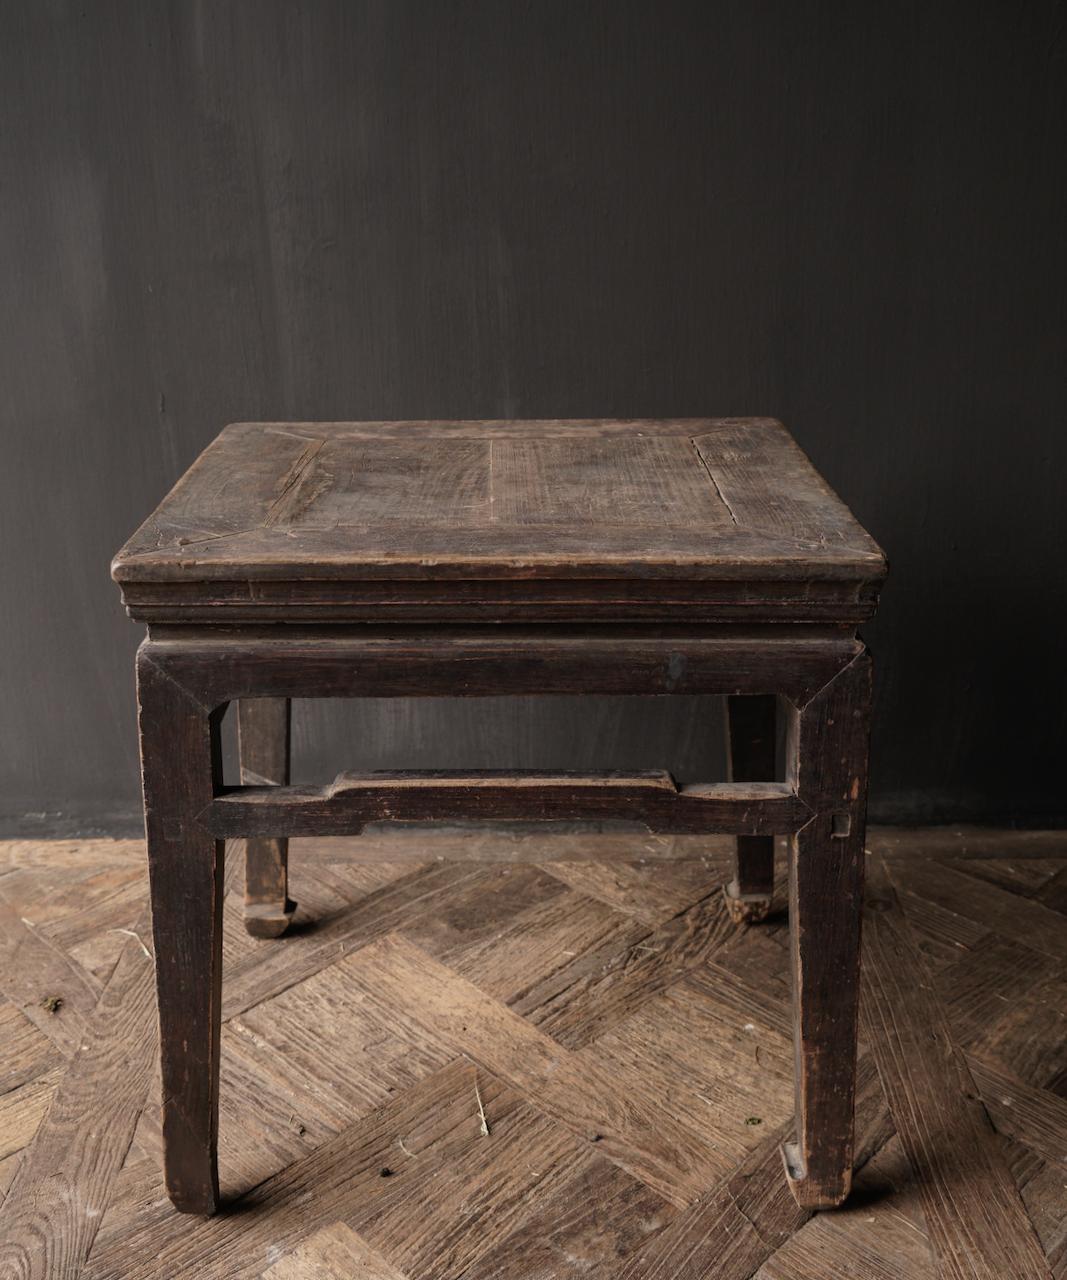 Altes authentisches hölzernes Salon- / Beistelltischquadrat Einzigartiges Einzelteil-7